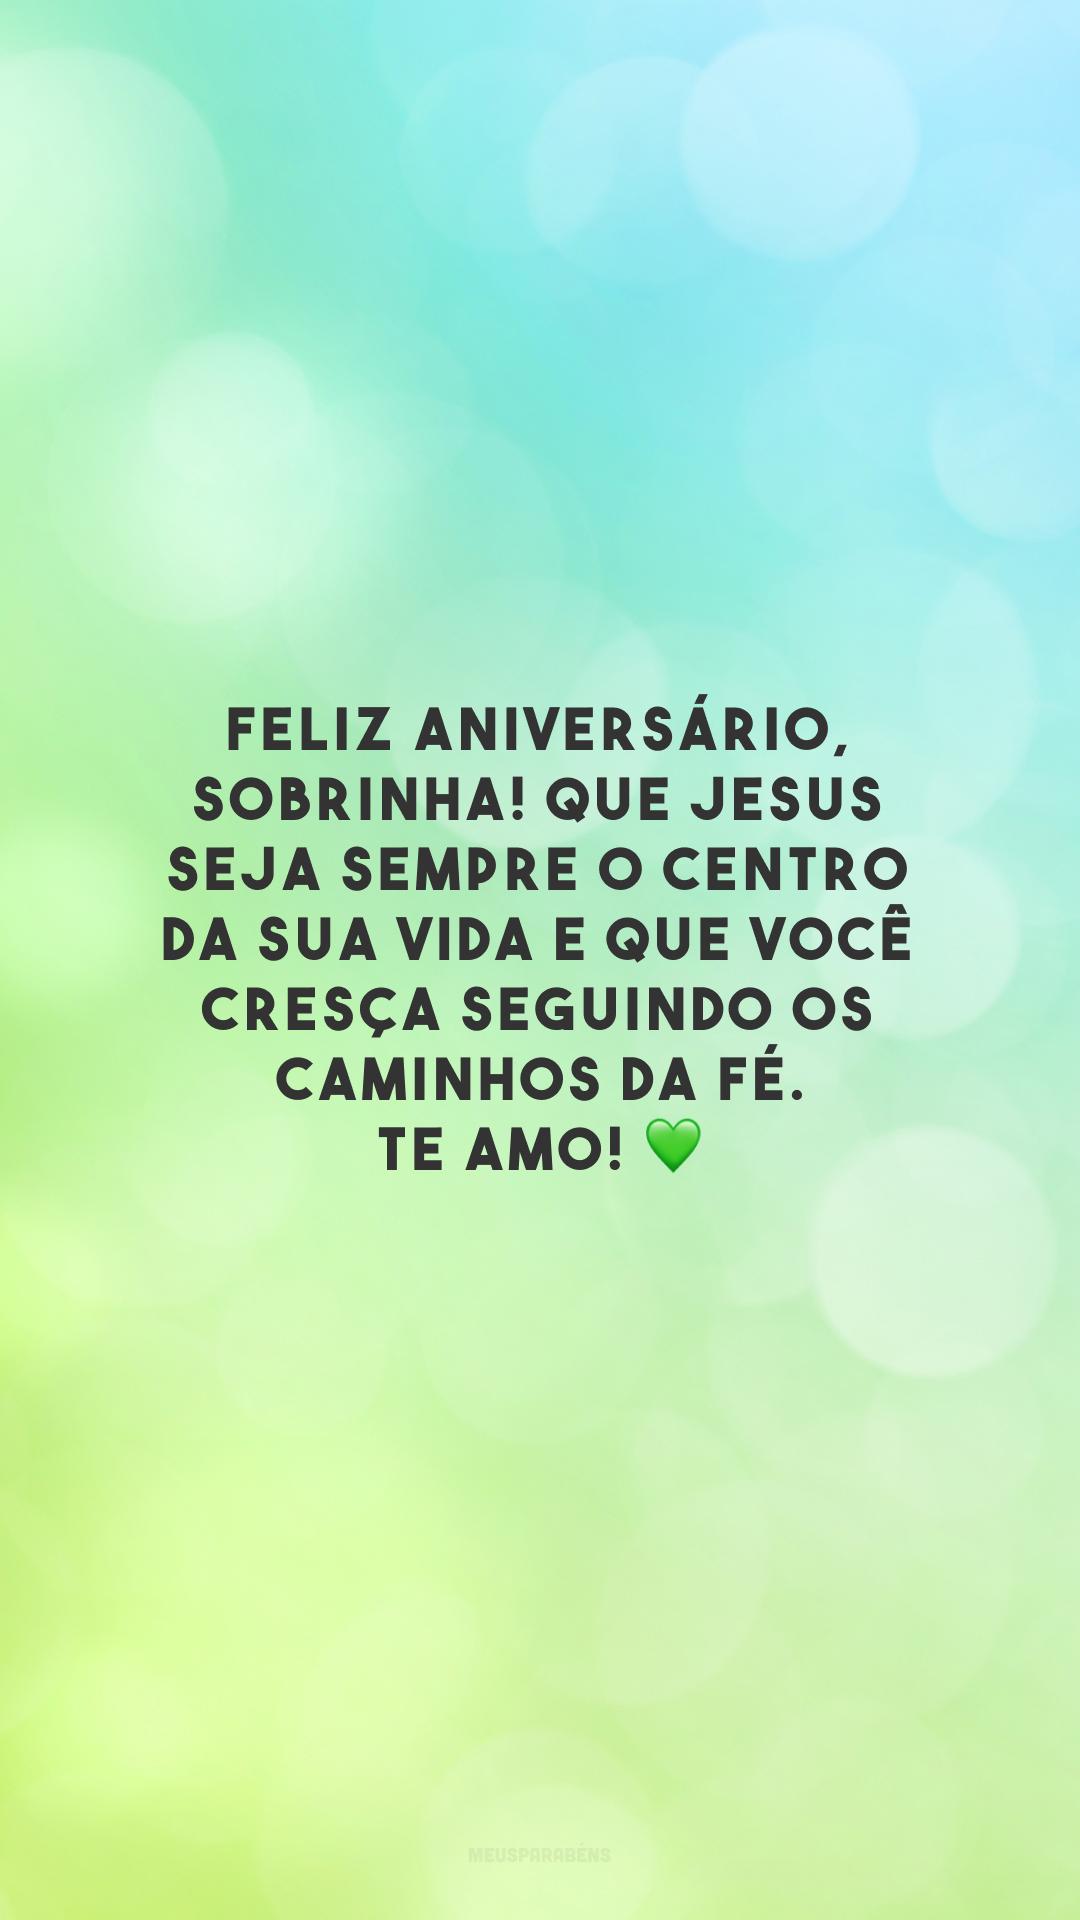 Feliz aniversário, sobrinha! Que Jesus seja sempre o centro da sua vida e que você cresça seguindo os caminhos da fé. Te amo!